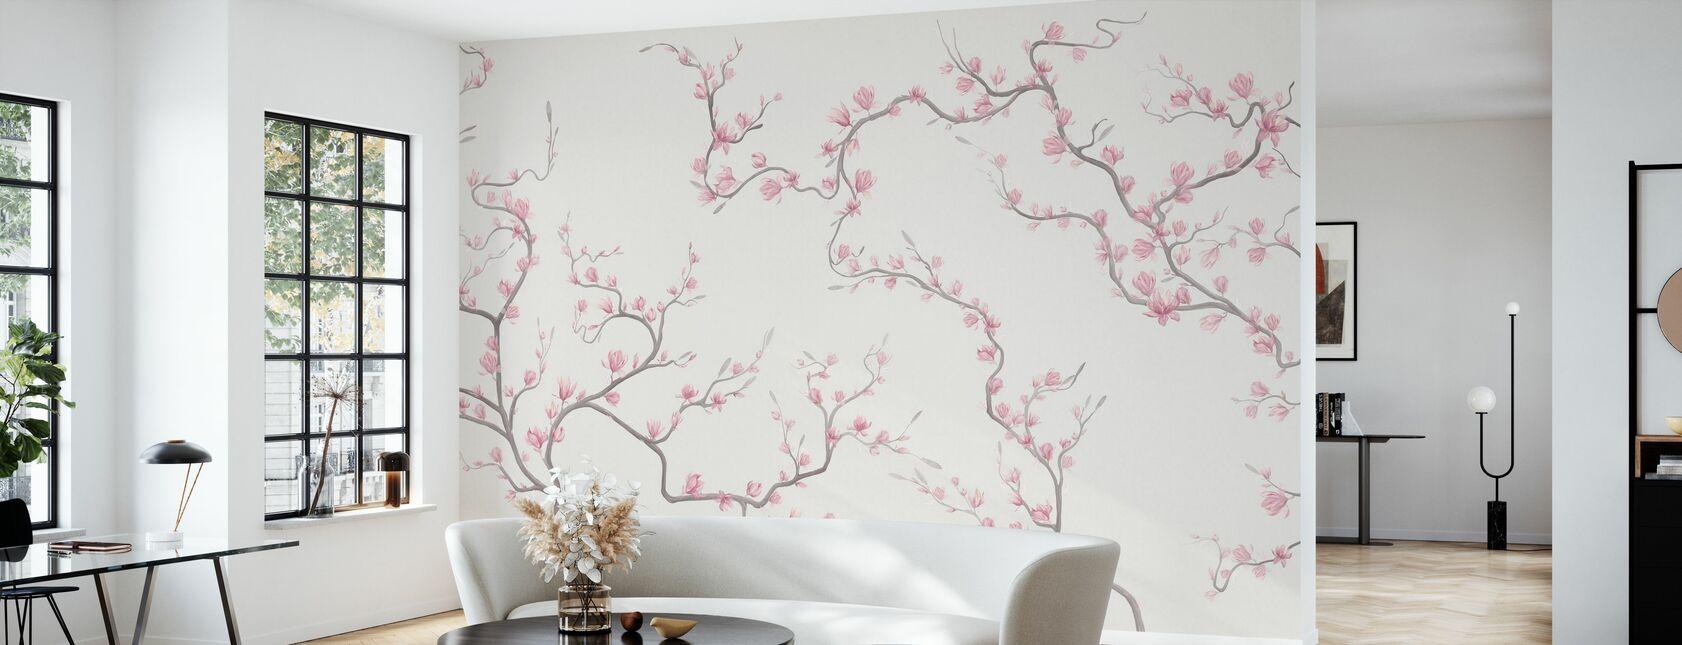 Bloeiende Magnolia - Natur - Behang - Woonkamer